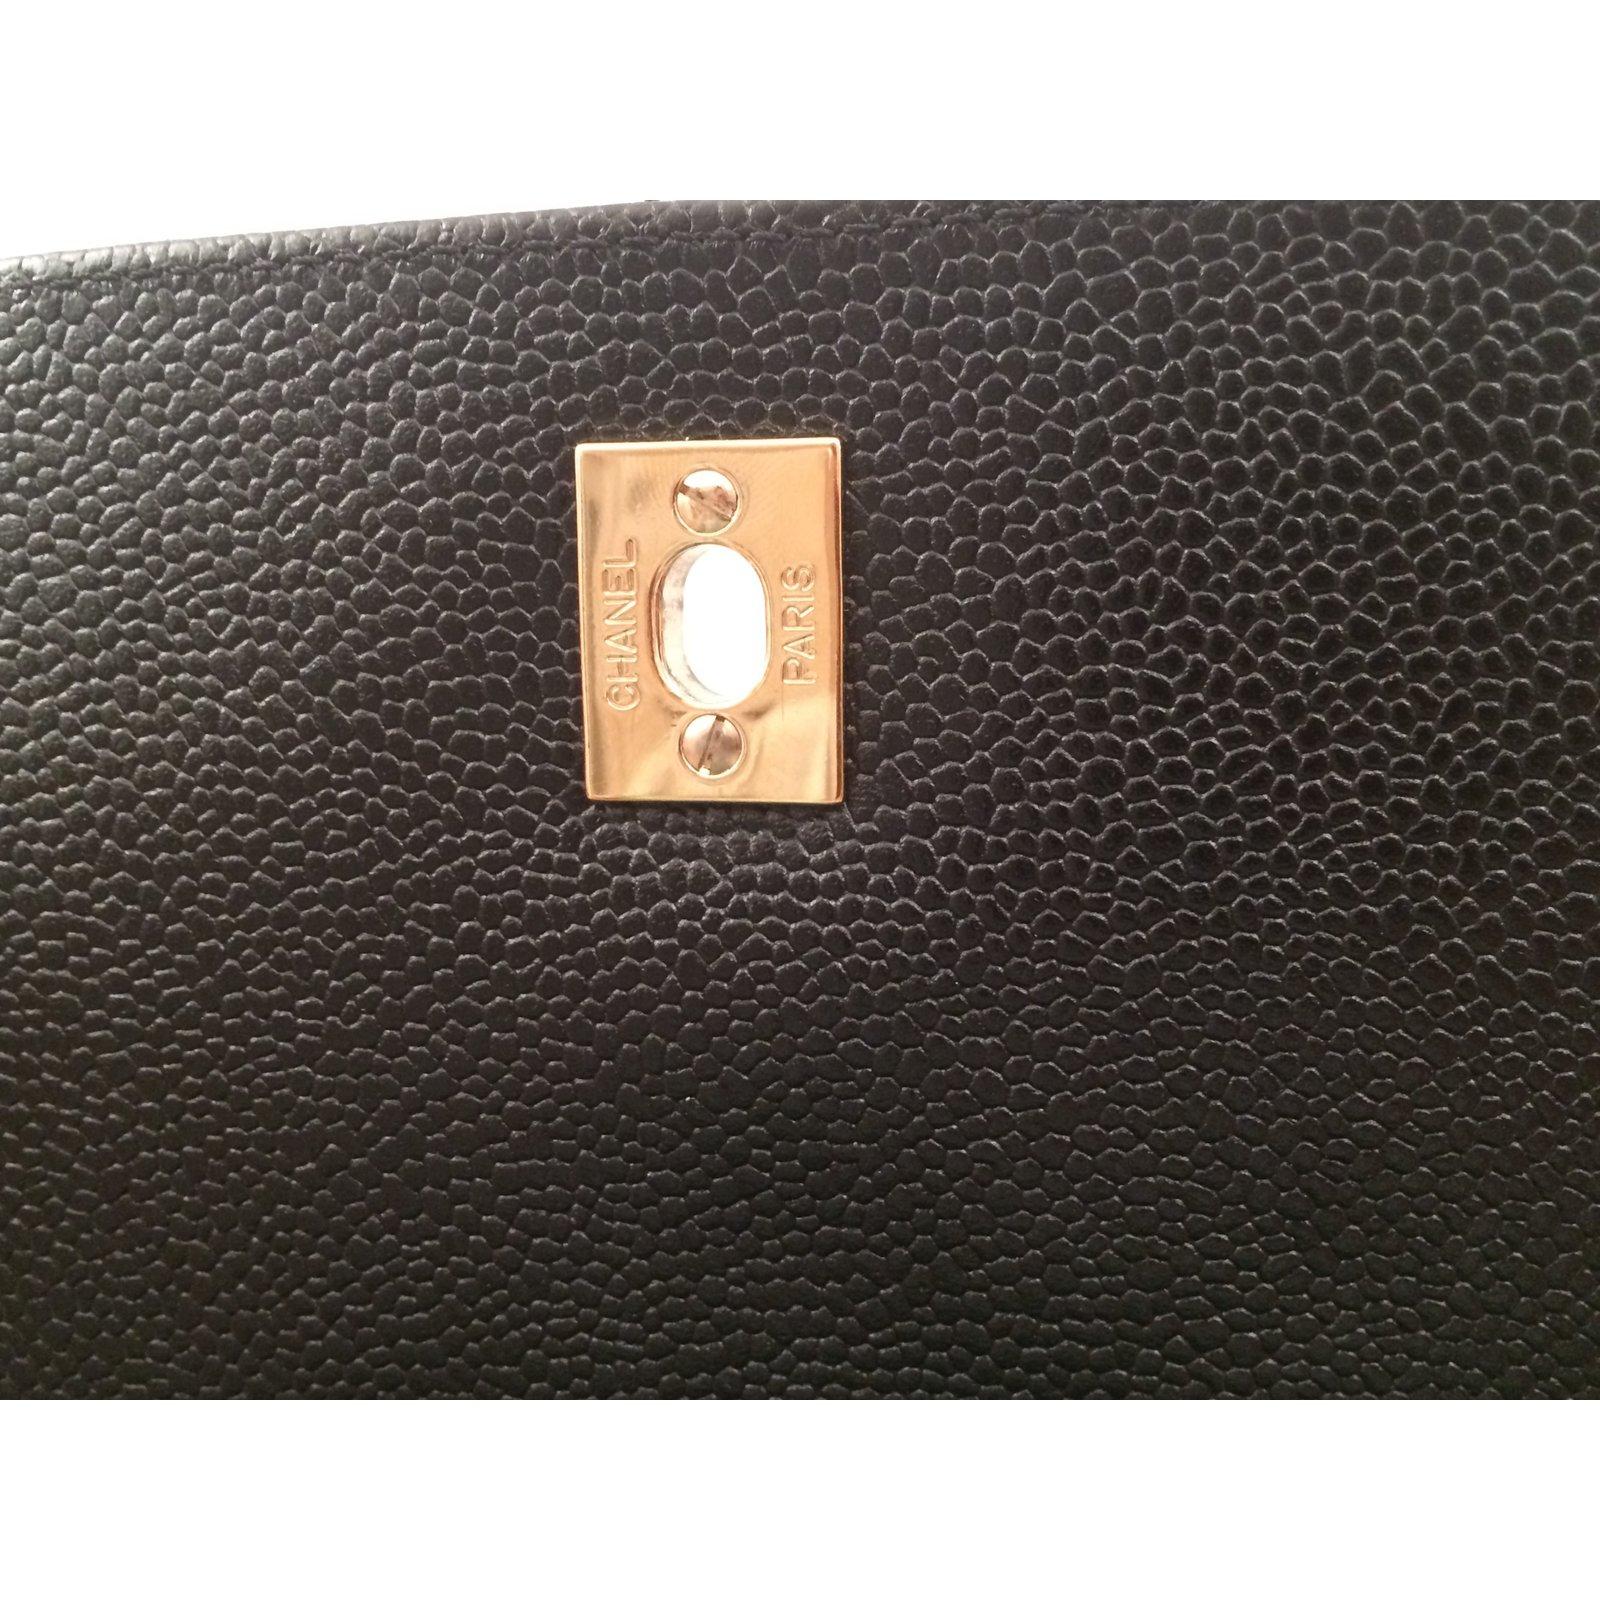 949f7067af Sacs à main Chanel Sac Chanel Mademoiselle à rabat avec Poignée Cuir  d'agneau Noir ref.50627 - Joli Closet